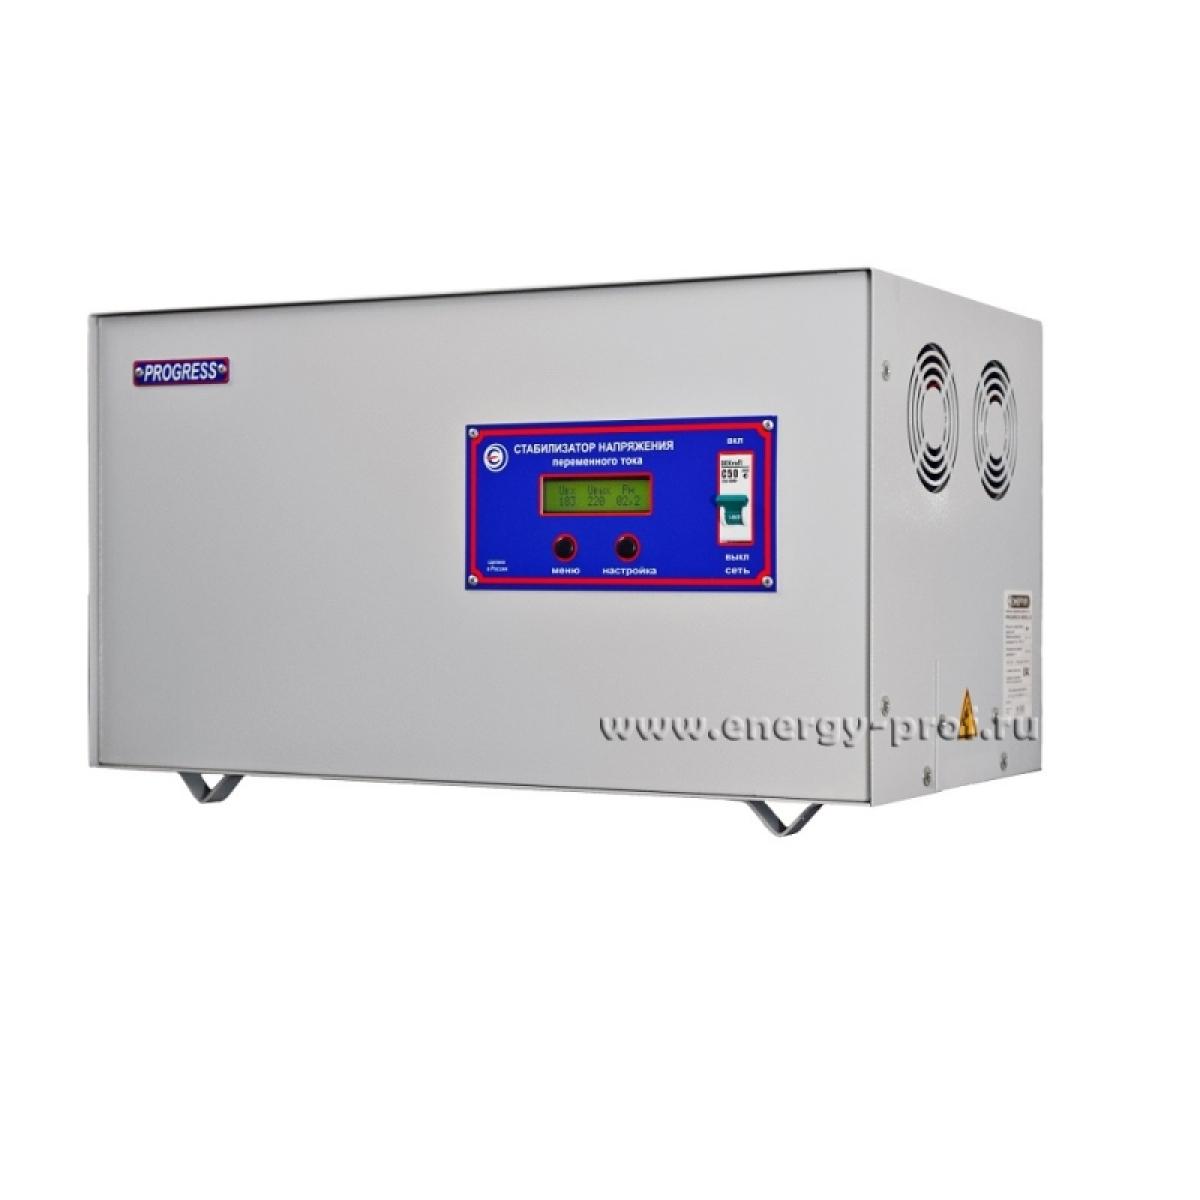 Однофазный стабилизатор PROGRESS 12000T-20